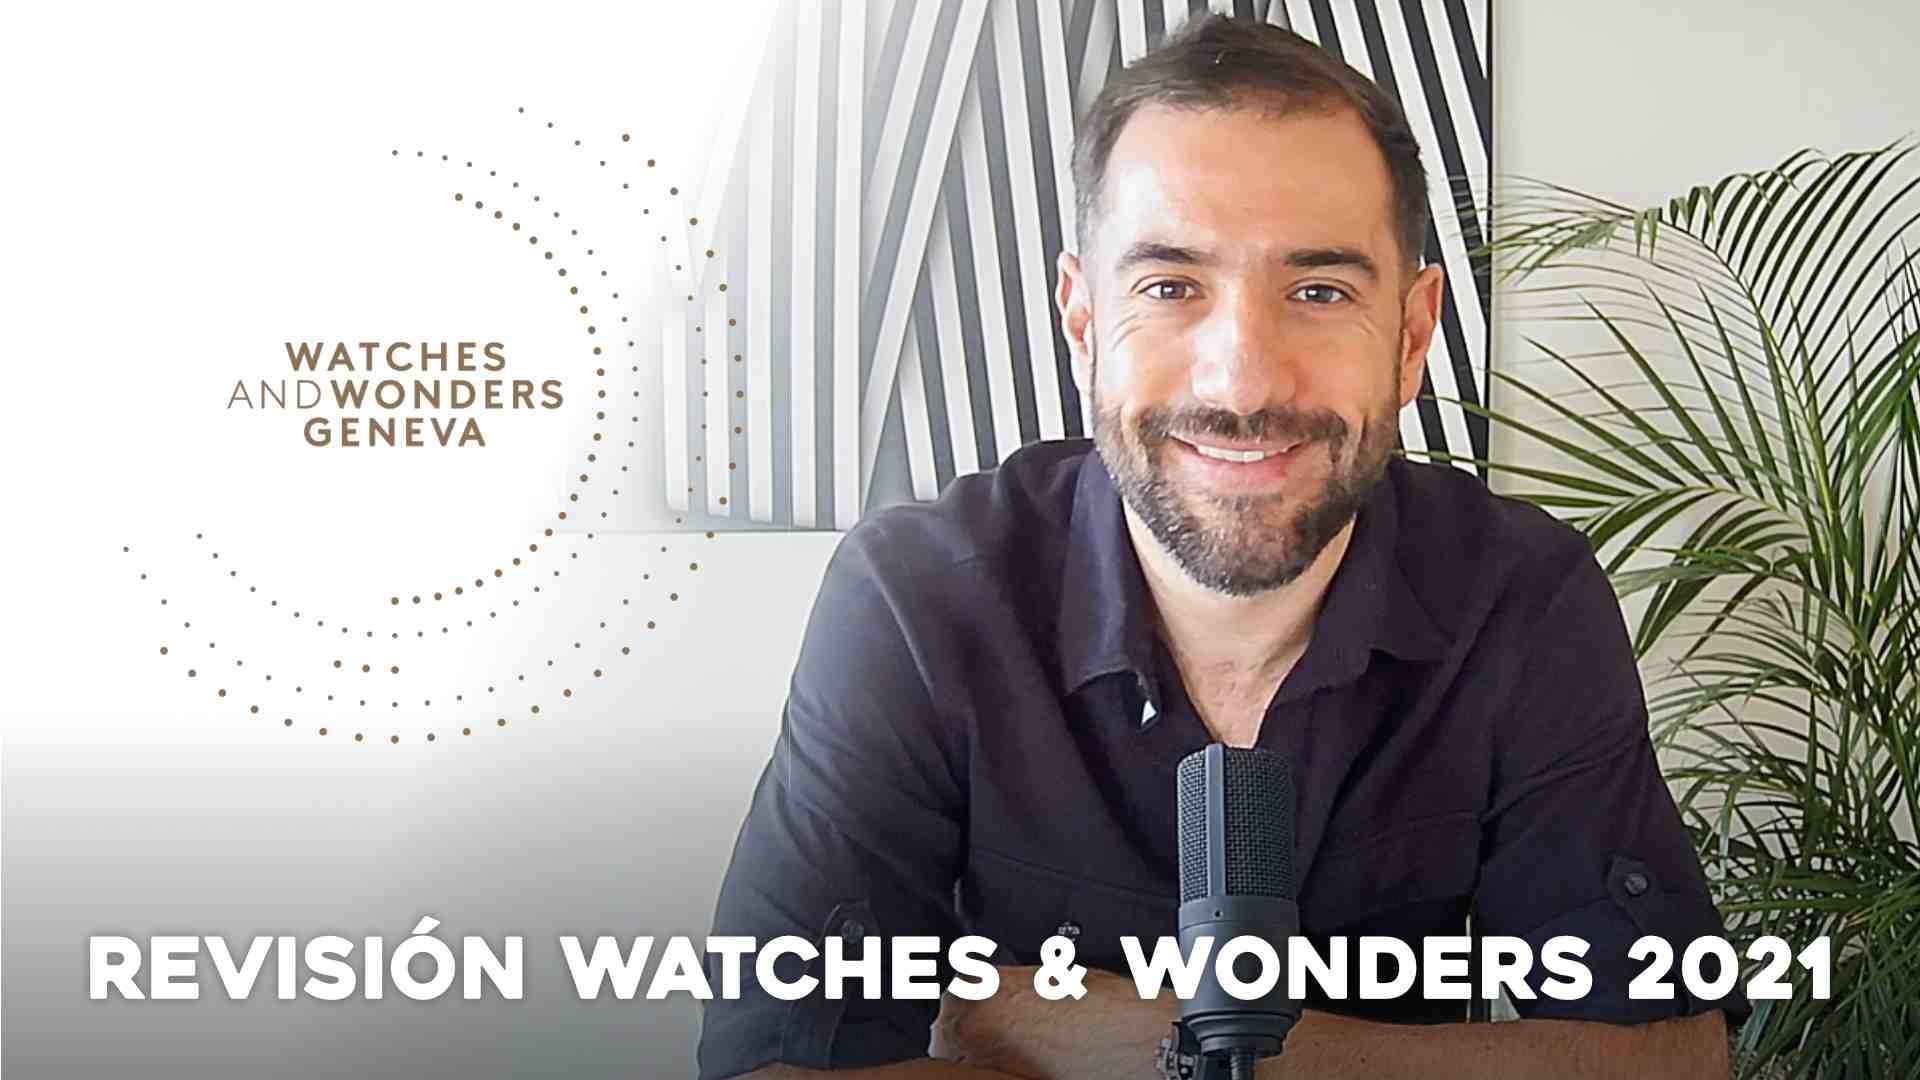 Revisión Watches & Wonders 2021